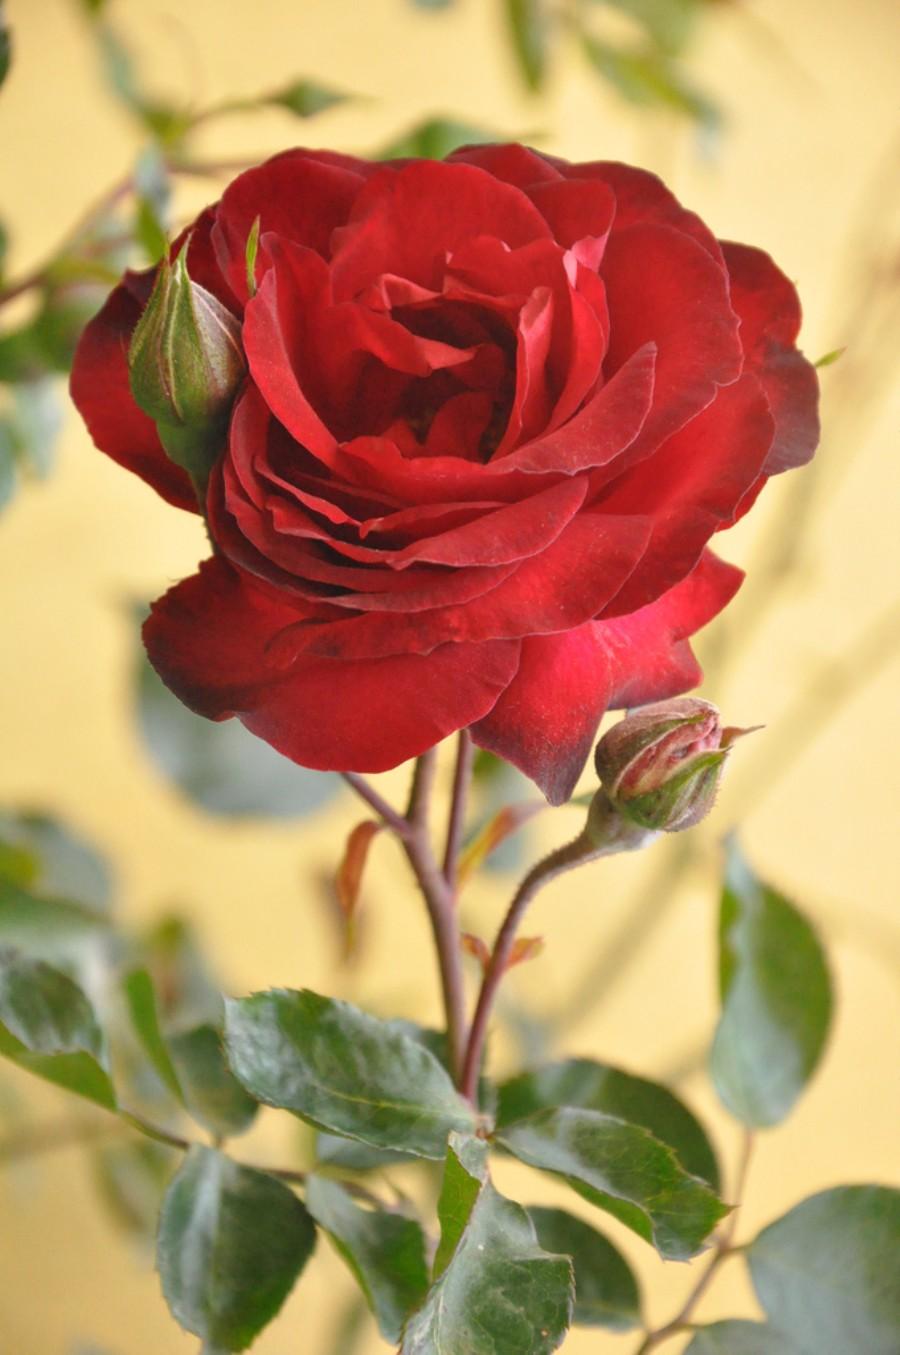 بالصور صور اجمل الورود , صور ائعة لاجمل الورود 5680 2